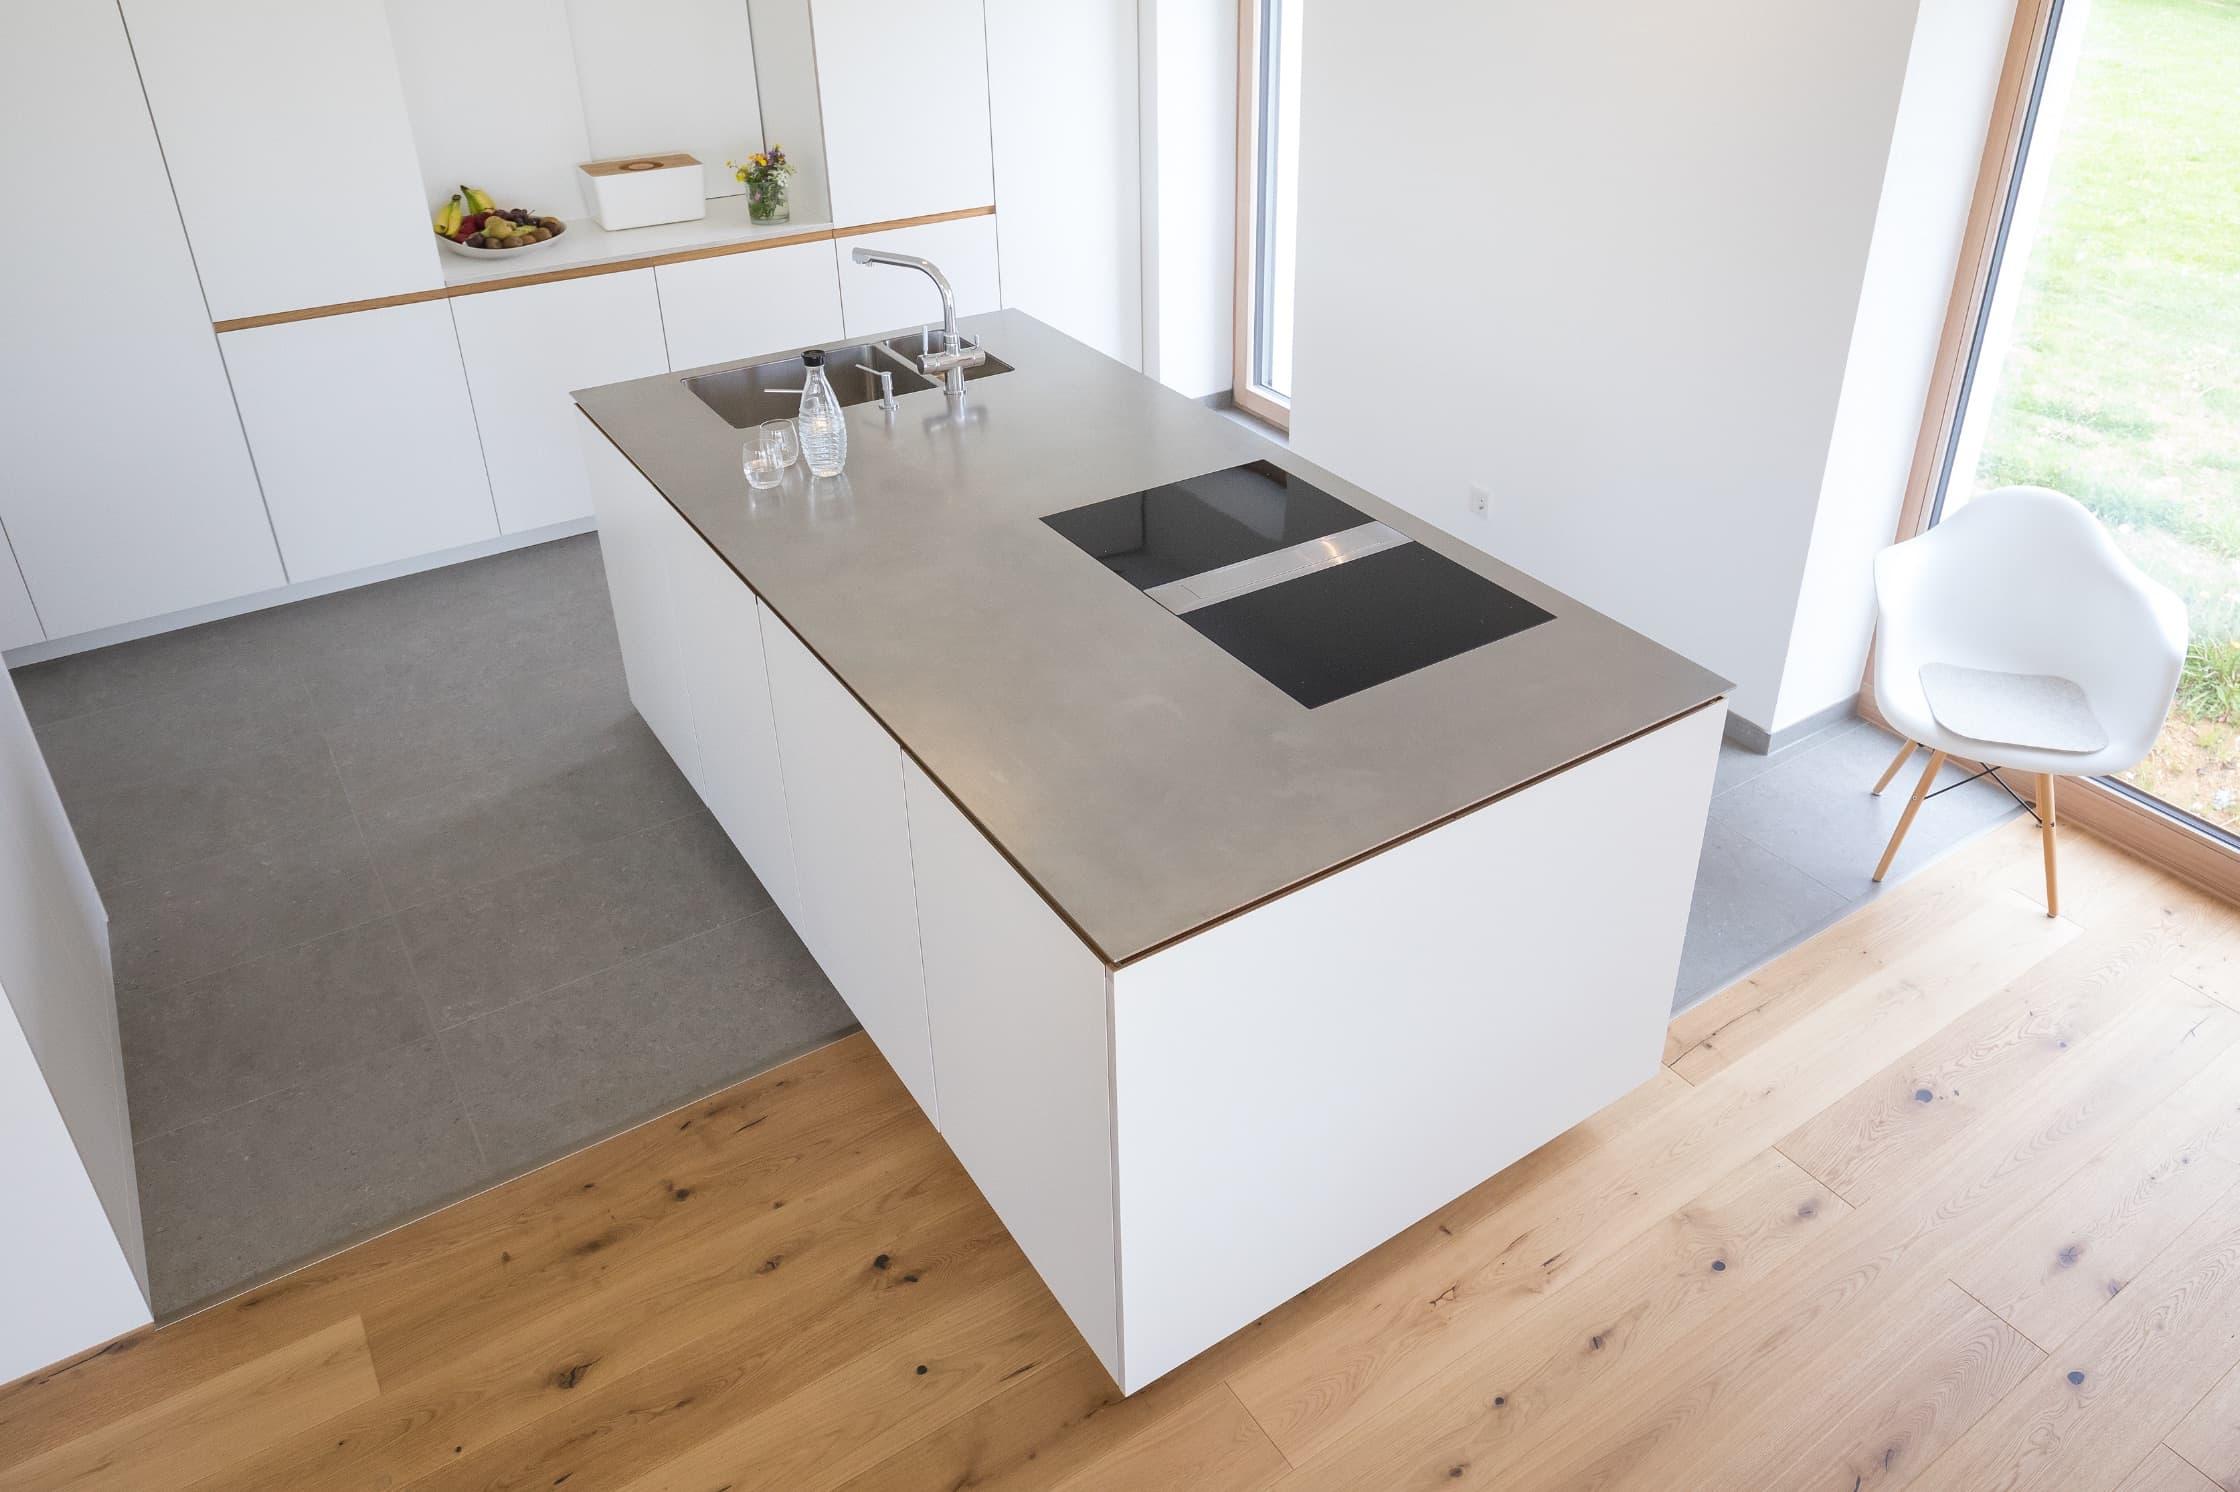 Arbeitsplatte einer modernen Küche von NR Küchen